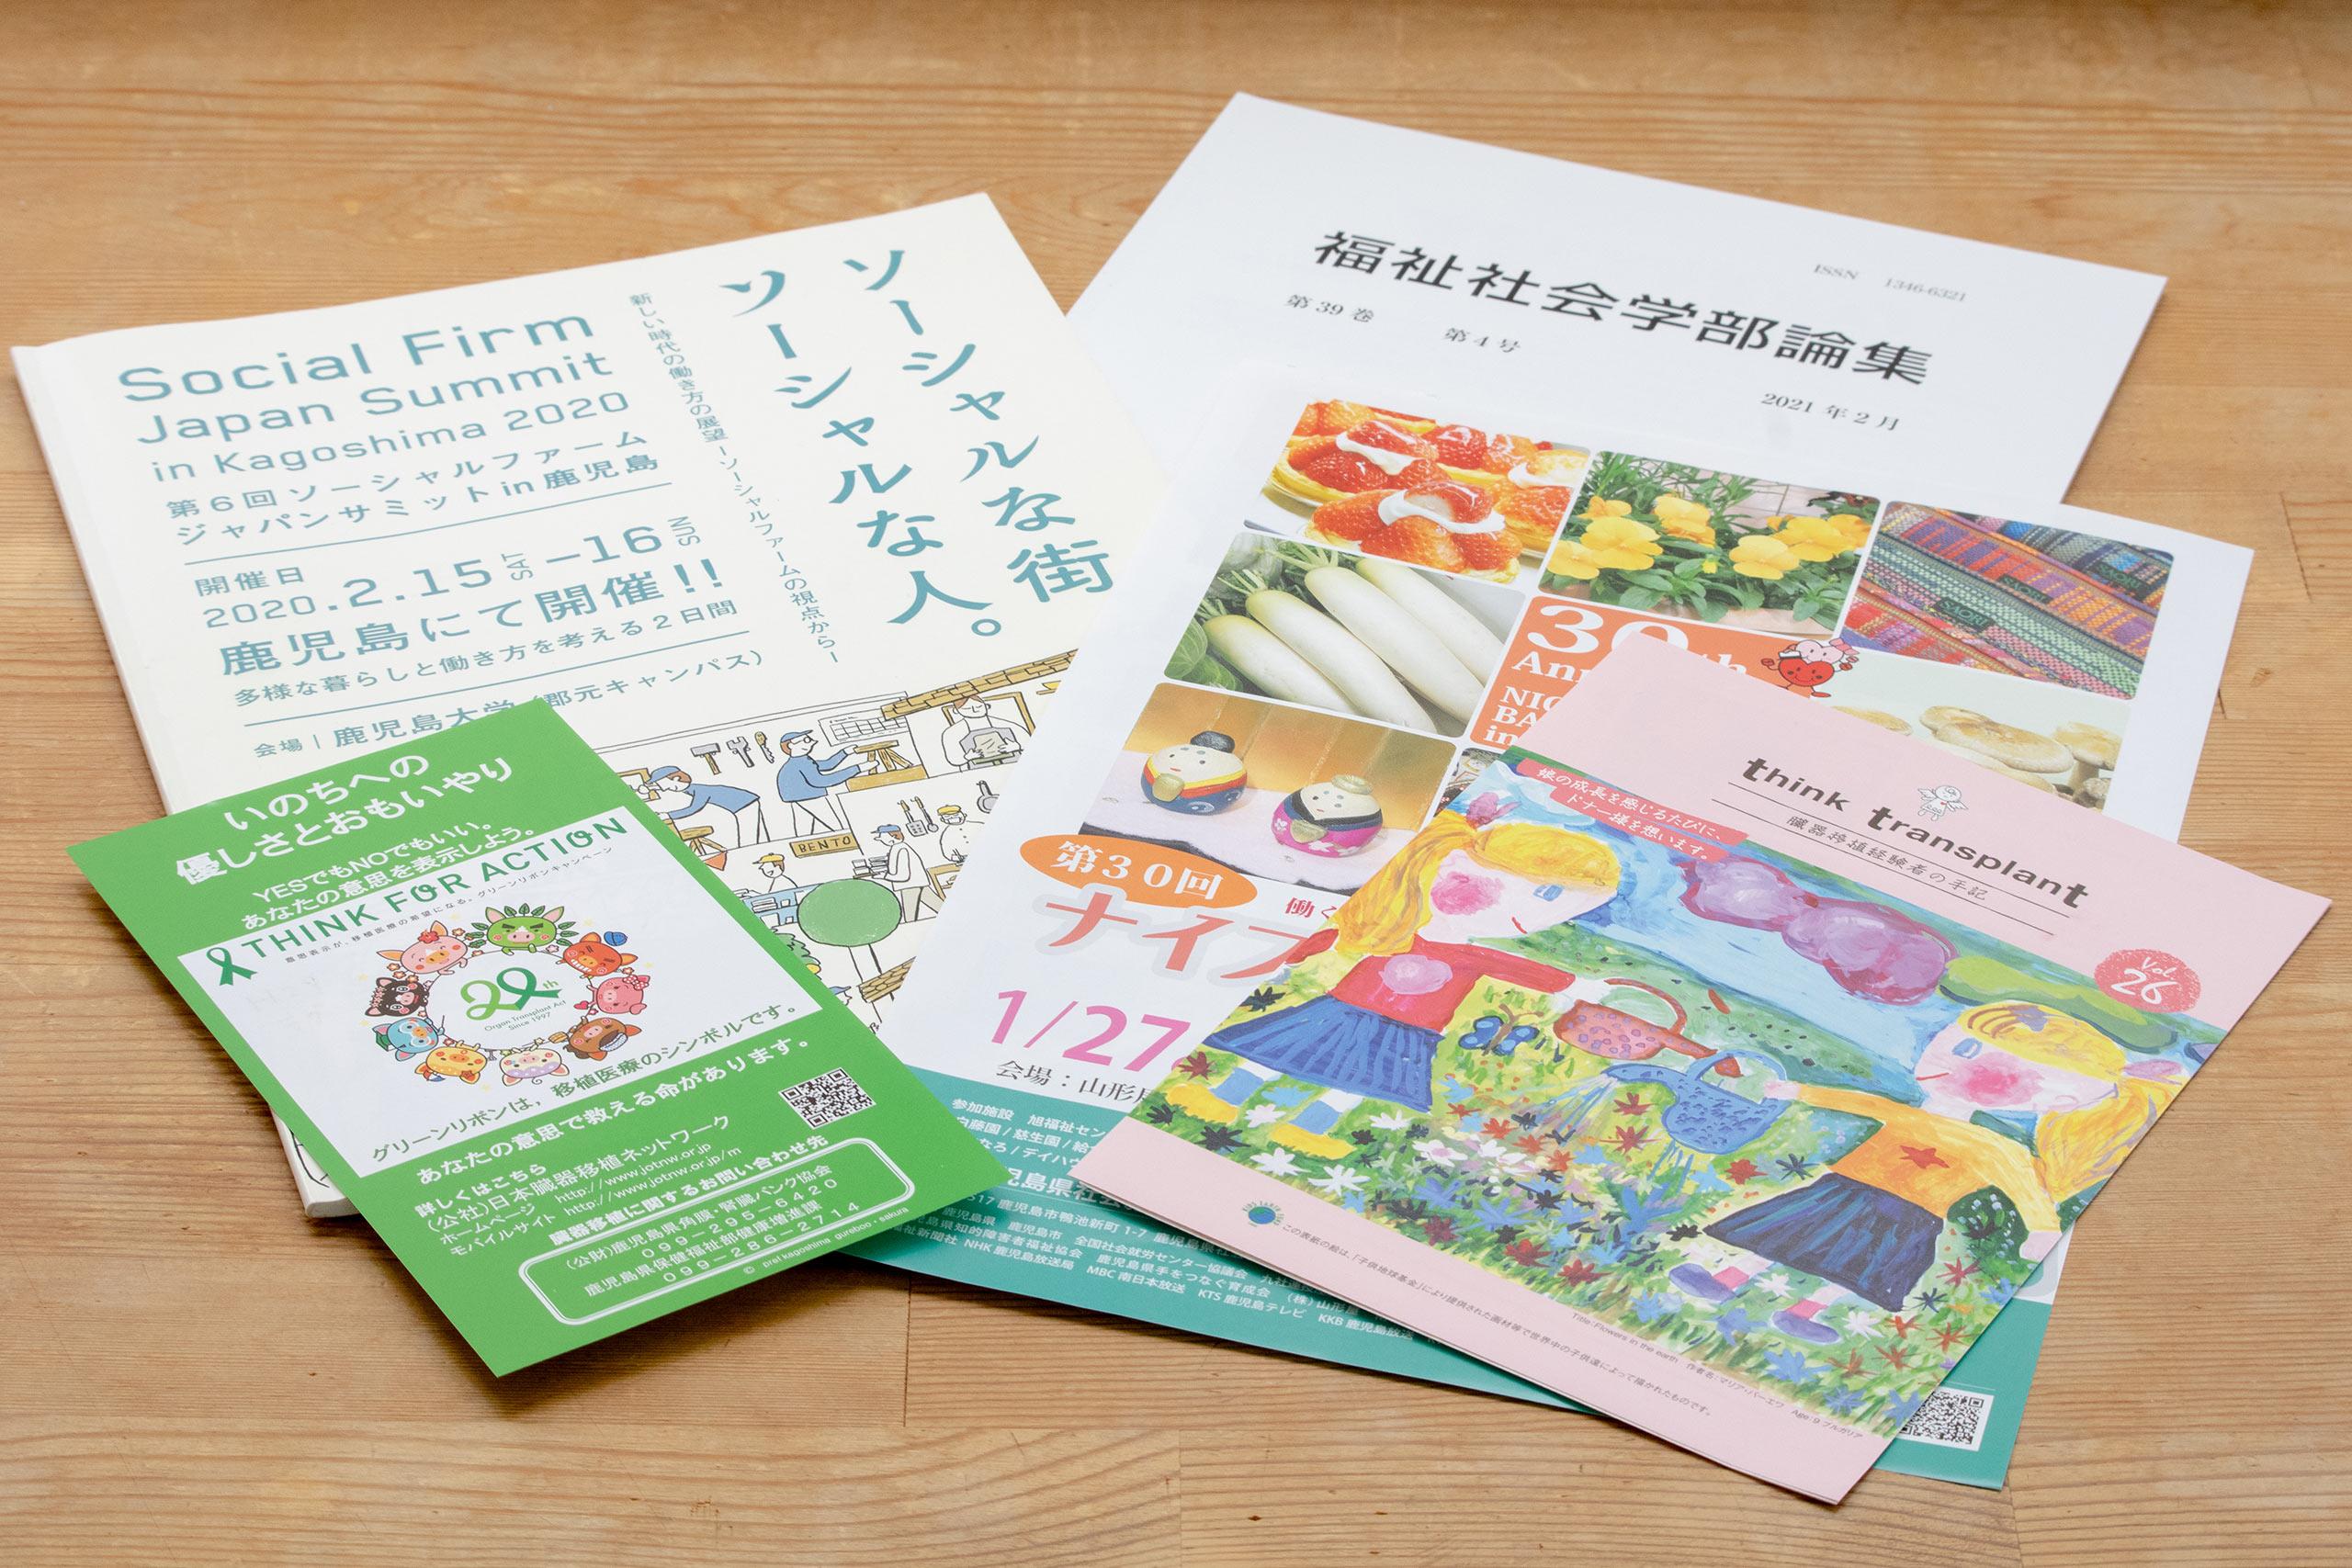 印刷物イメージ